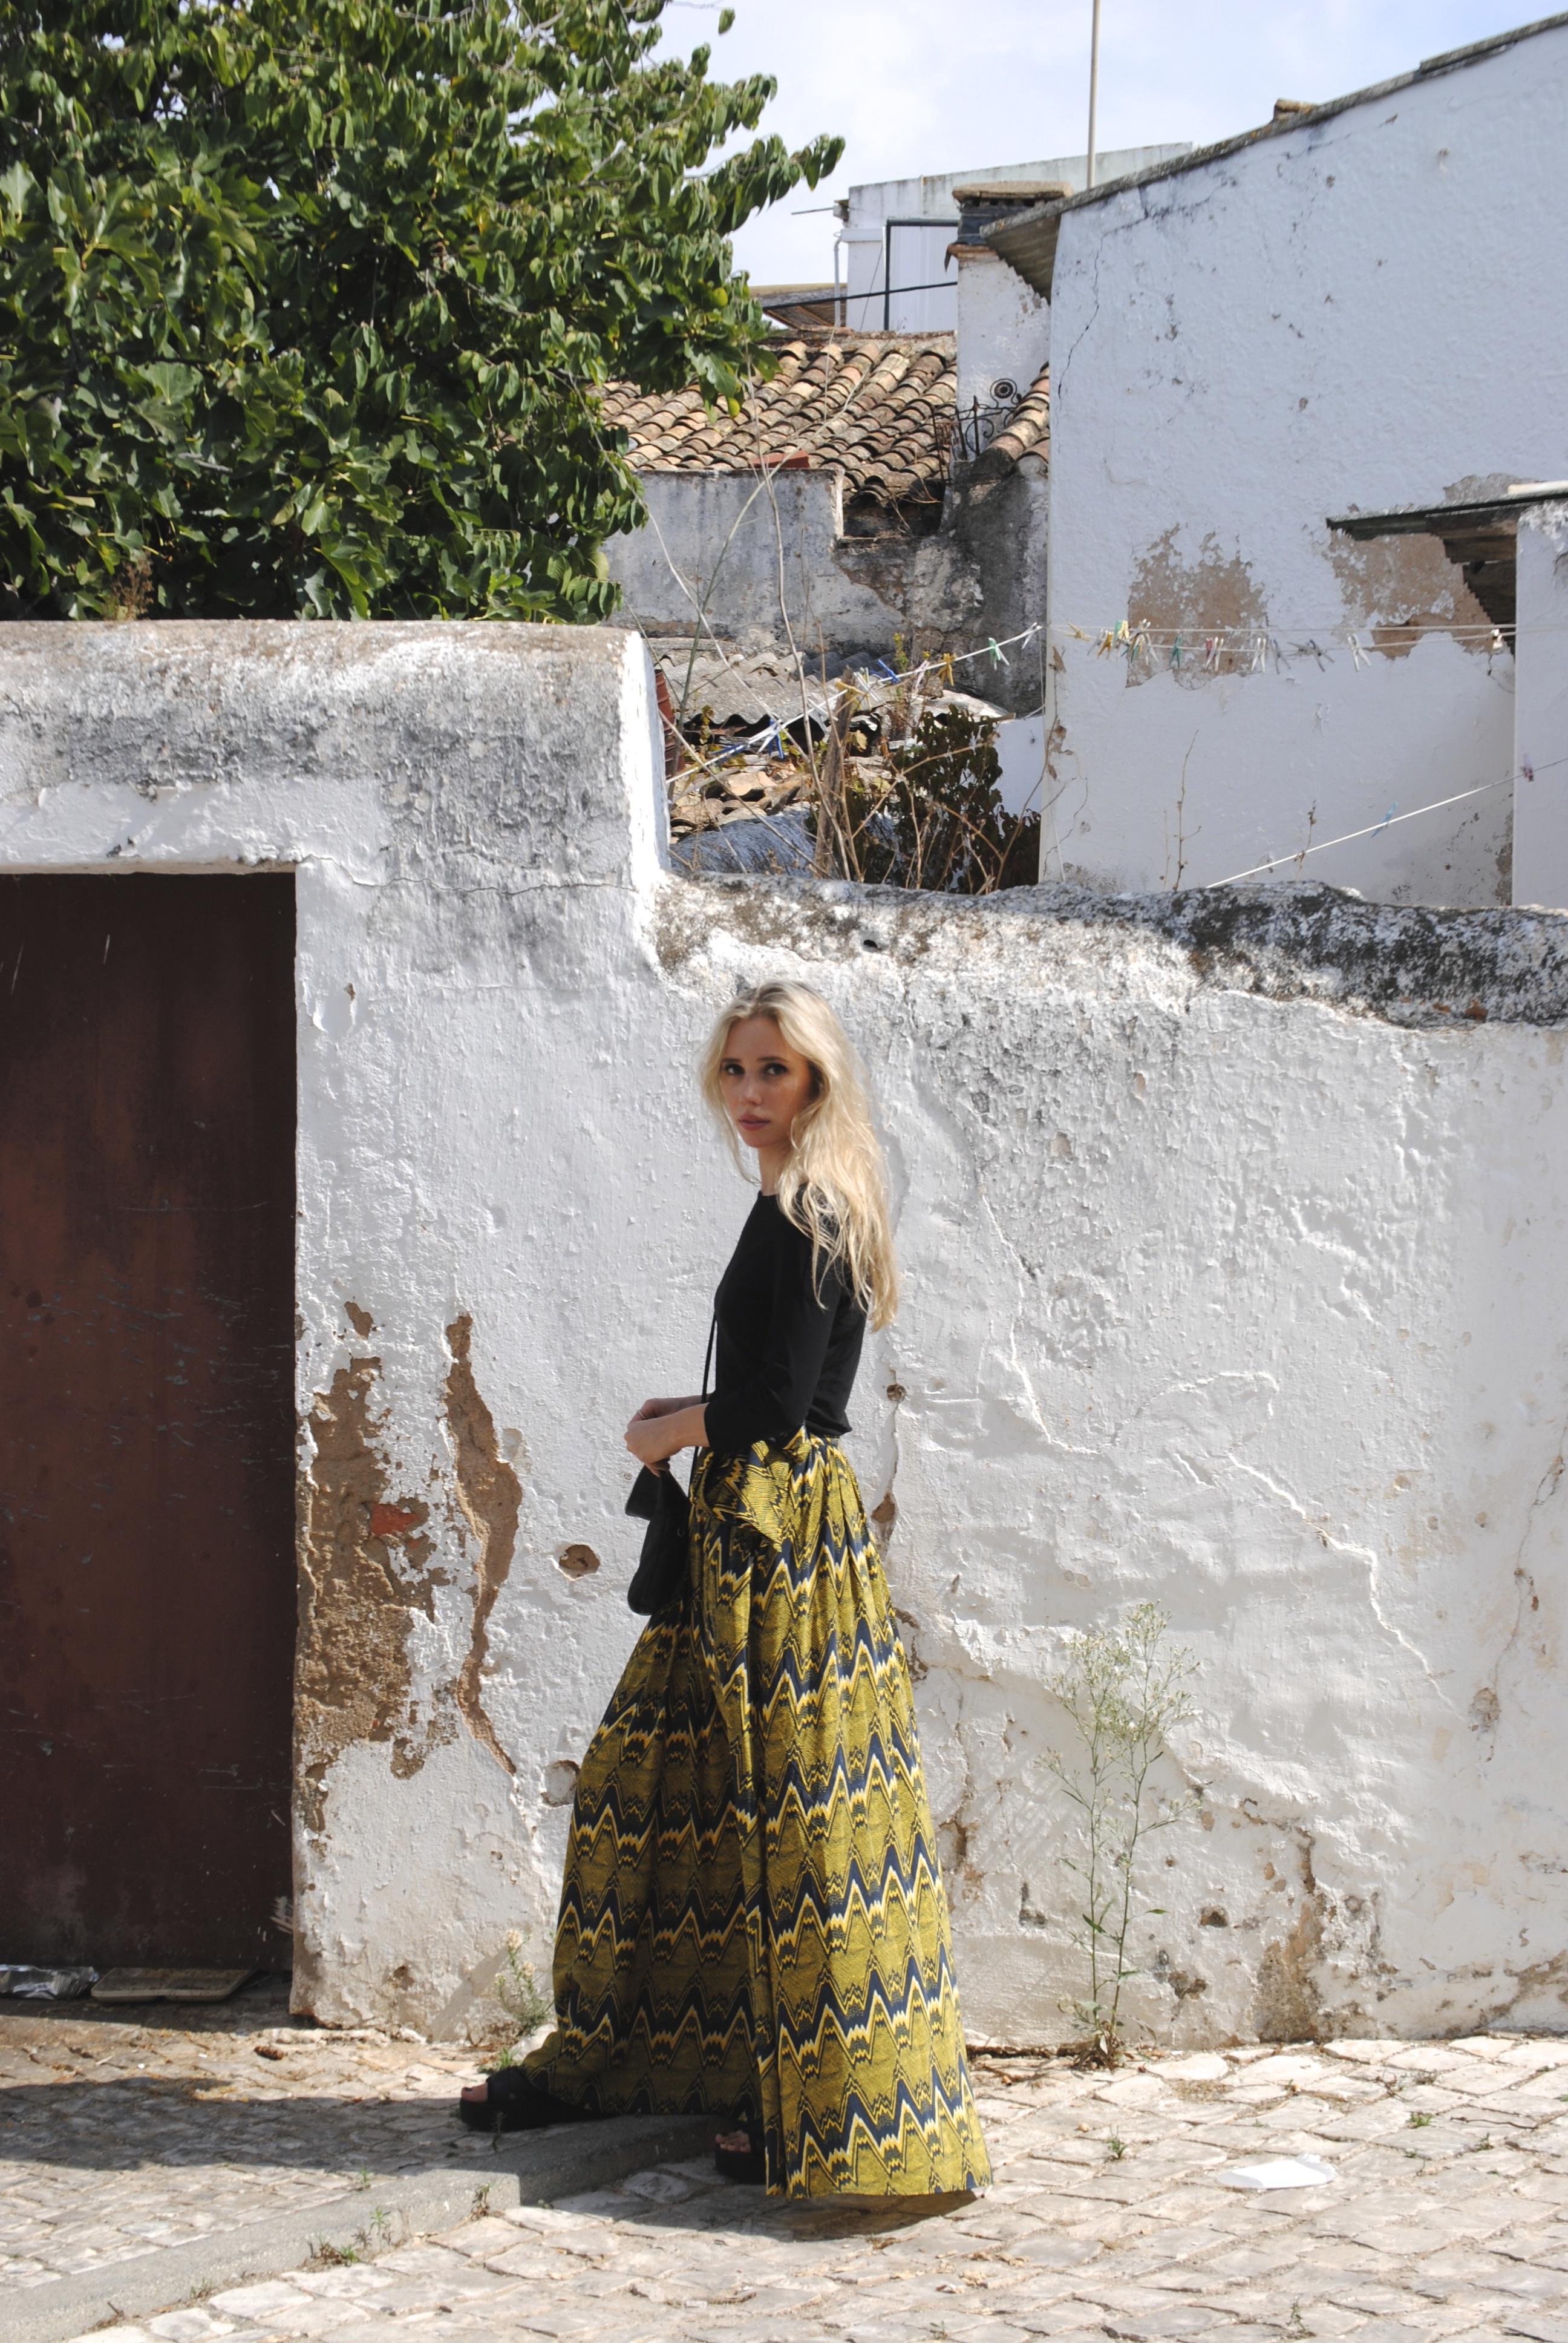 Ethnic Skirt-1871-lulufigueroa